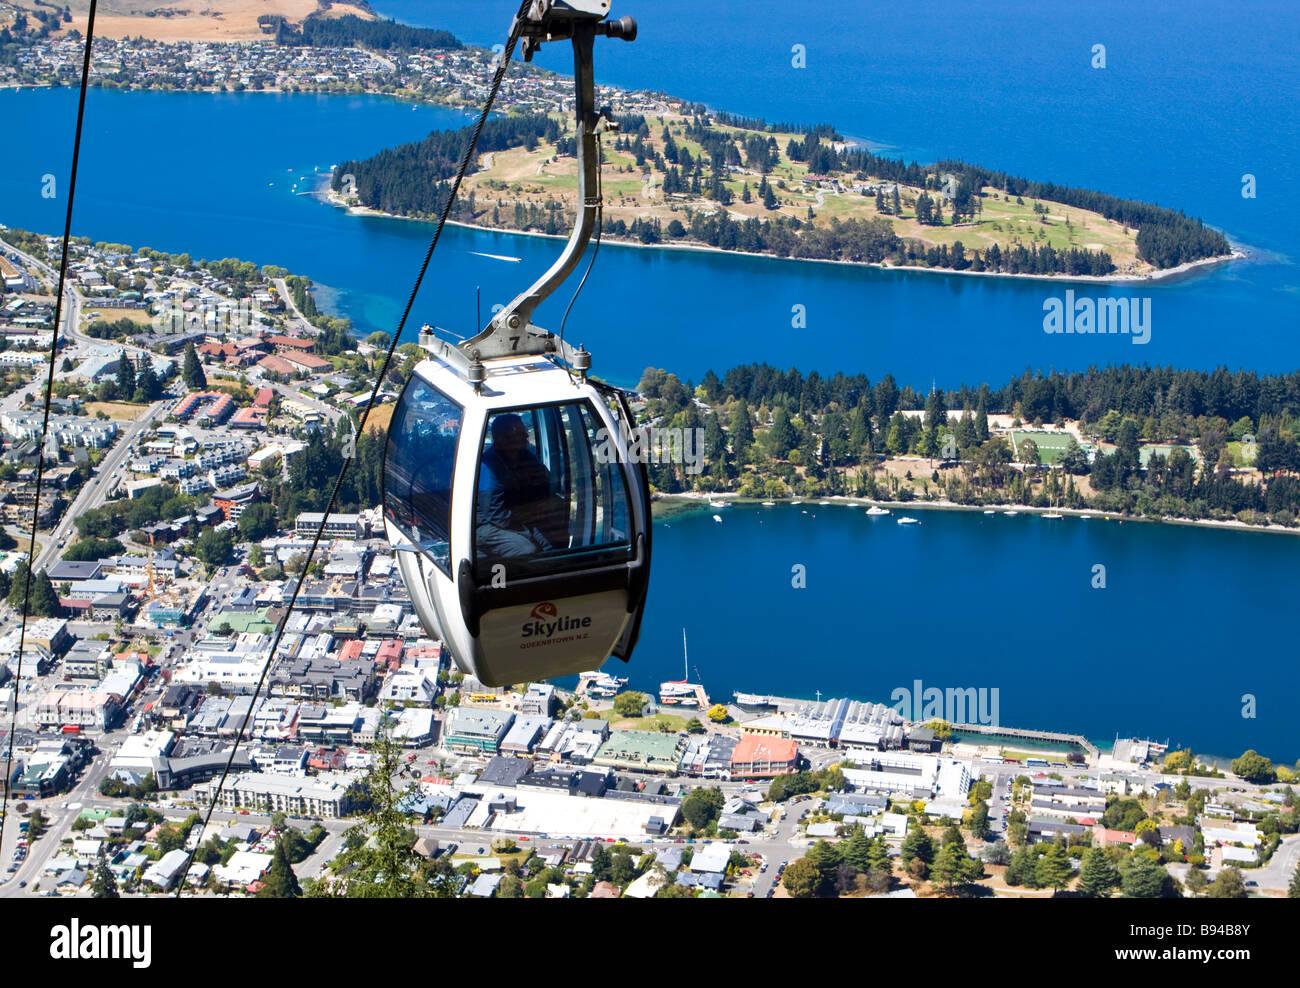 Skyline Gondola Lake Wakatipu Queenstown New Zealand Stock Photo